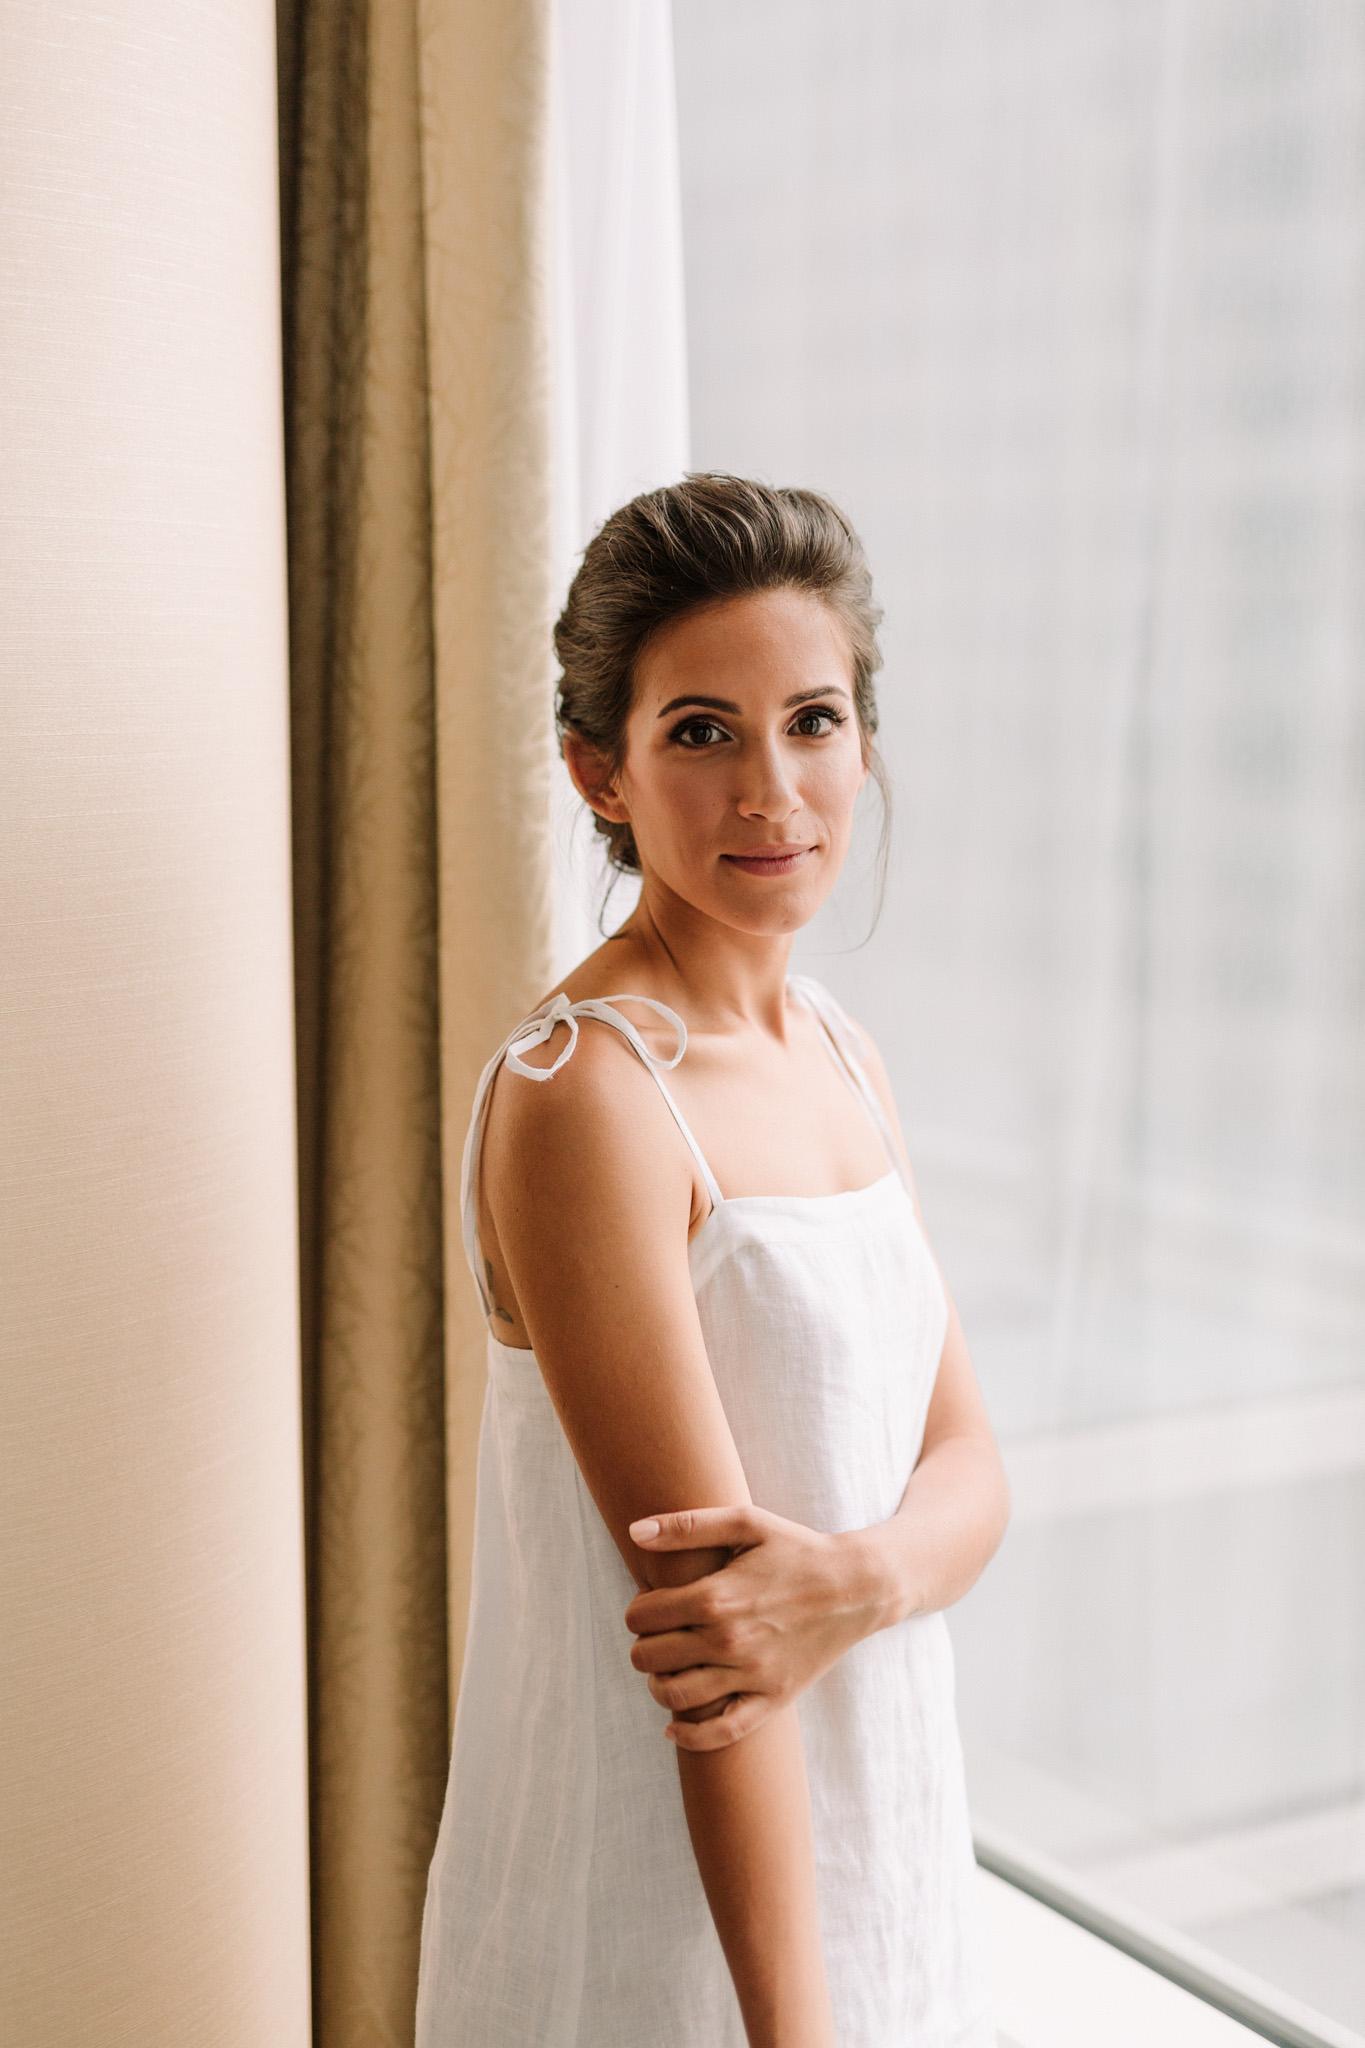 Laura Rowe Photography, Toronto Wedding, Momofuko, Intimate Toronto Weddding  -13.jpg